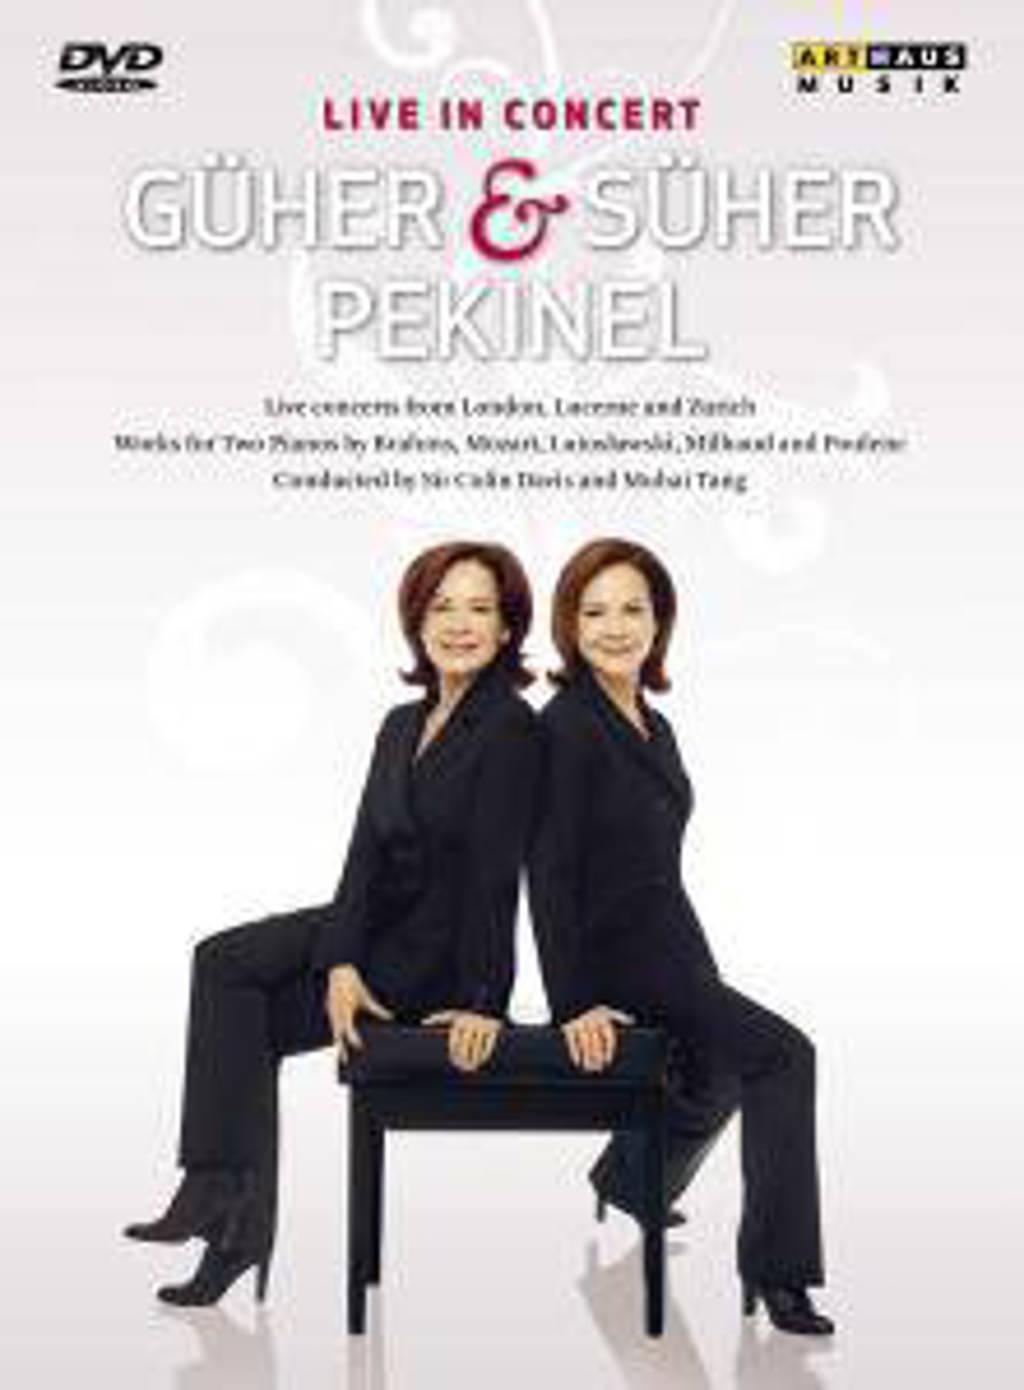 Guher&Suher Pekinel - Pekinel,Guher & Suher (DVD)